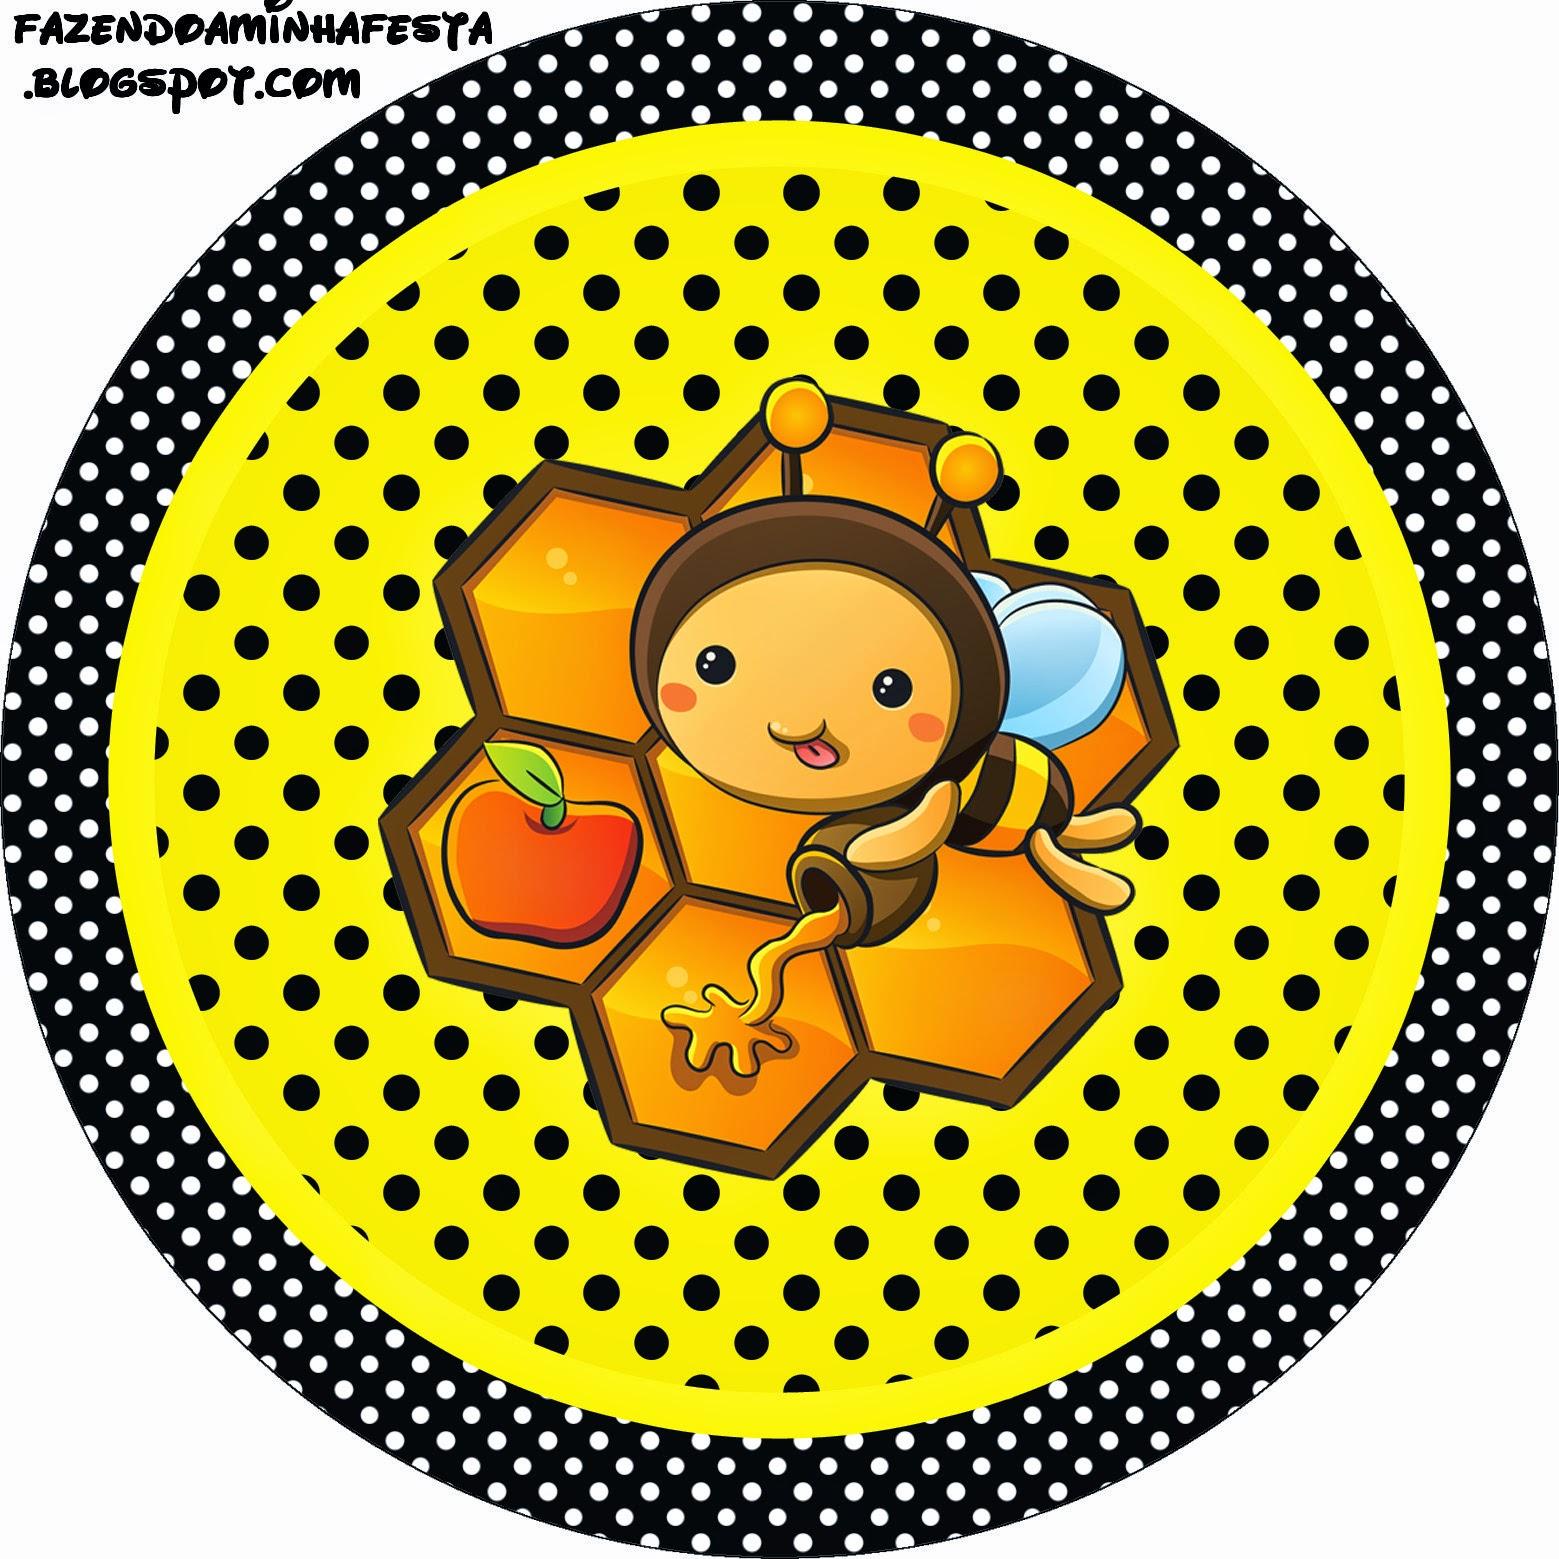 Toppers o Etiquetas de Abejitas Bebé para imprimir gratis.